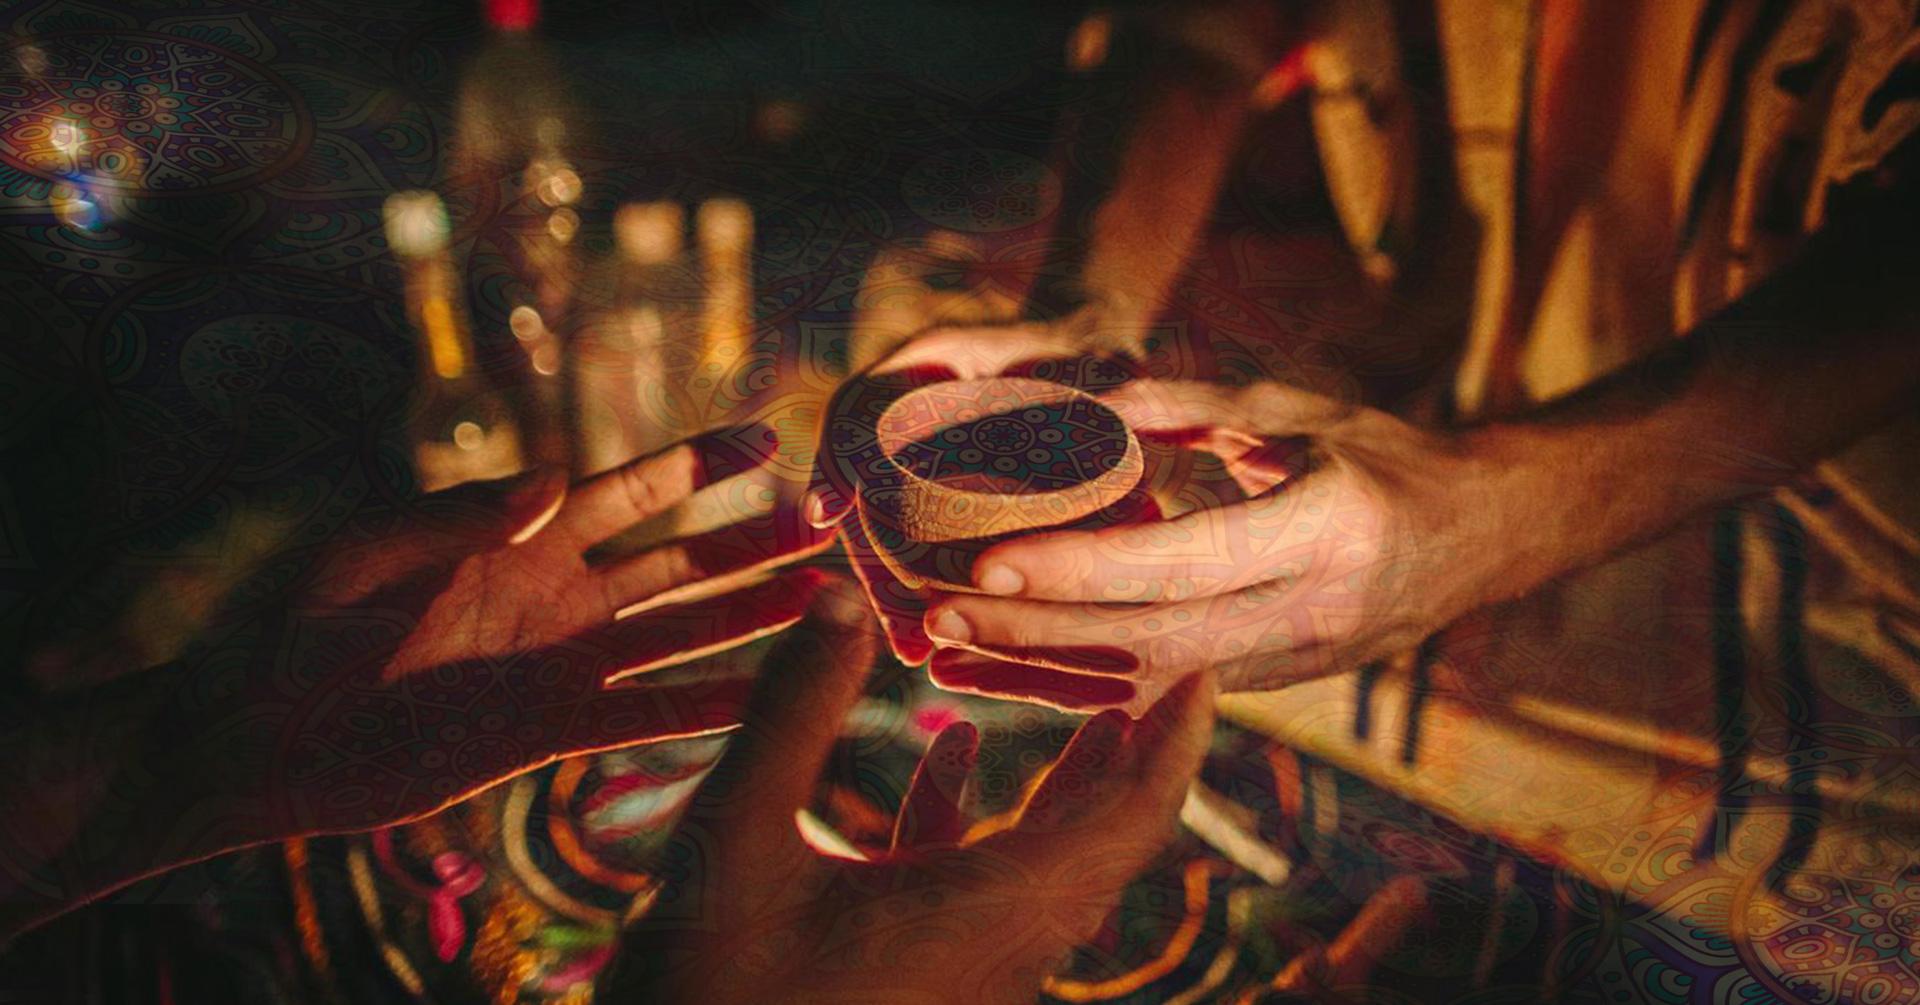 Dłonie podające gliniane naczynie